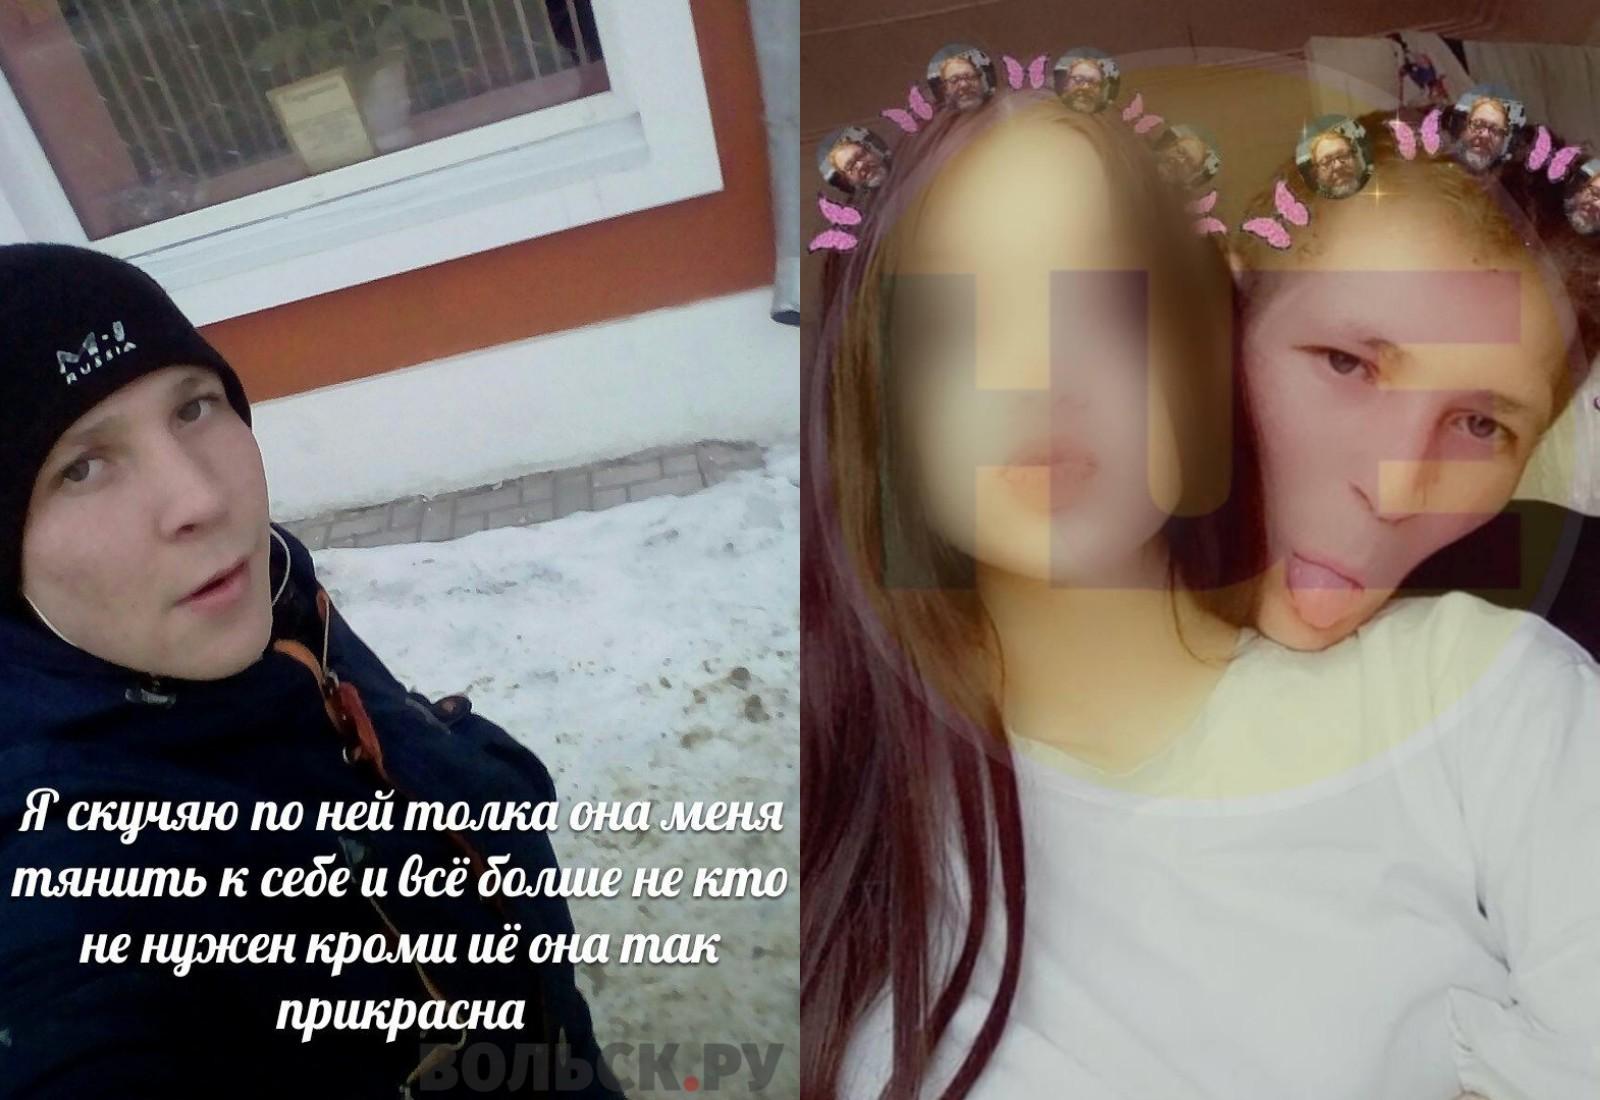 """Сергей Заборовский со школьницей. Фото © """"Вольск.ру"""", Telegram / Hue"""